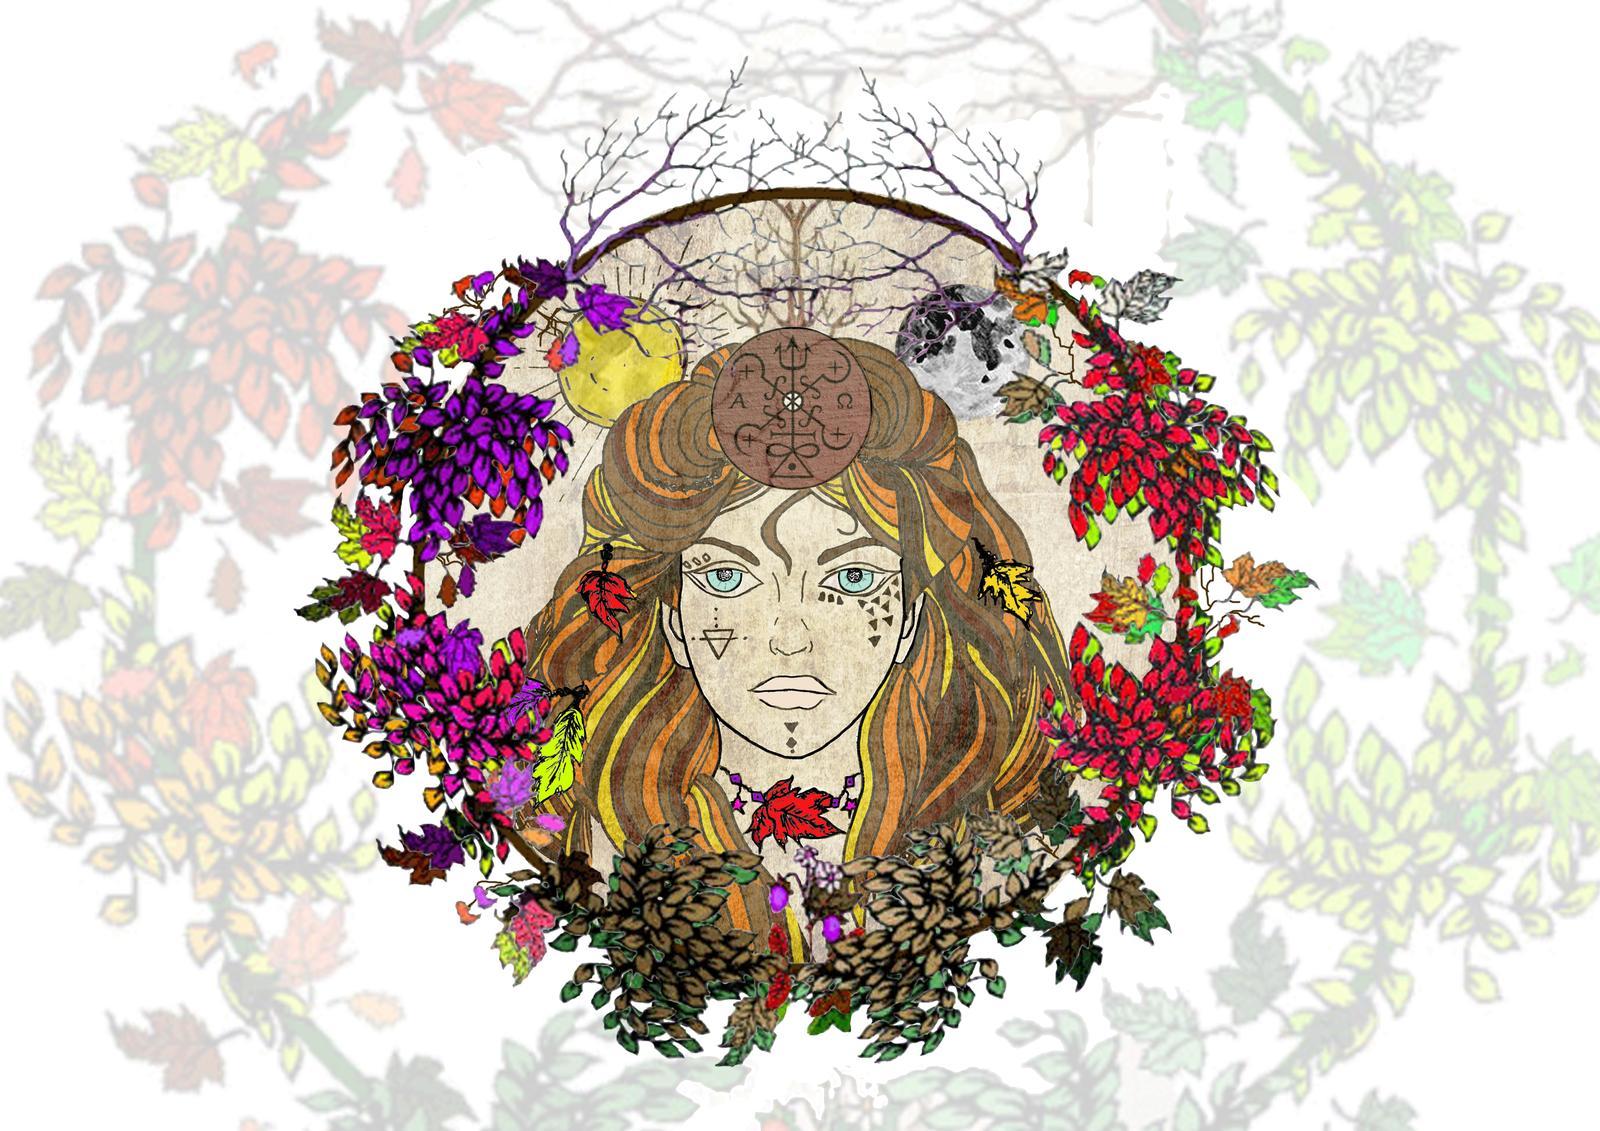 Art Prints - Autumn Equinox